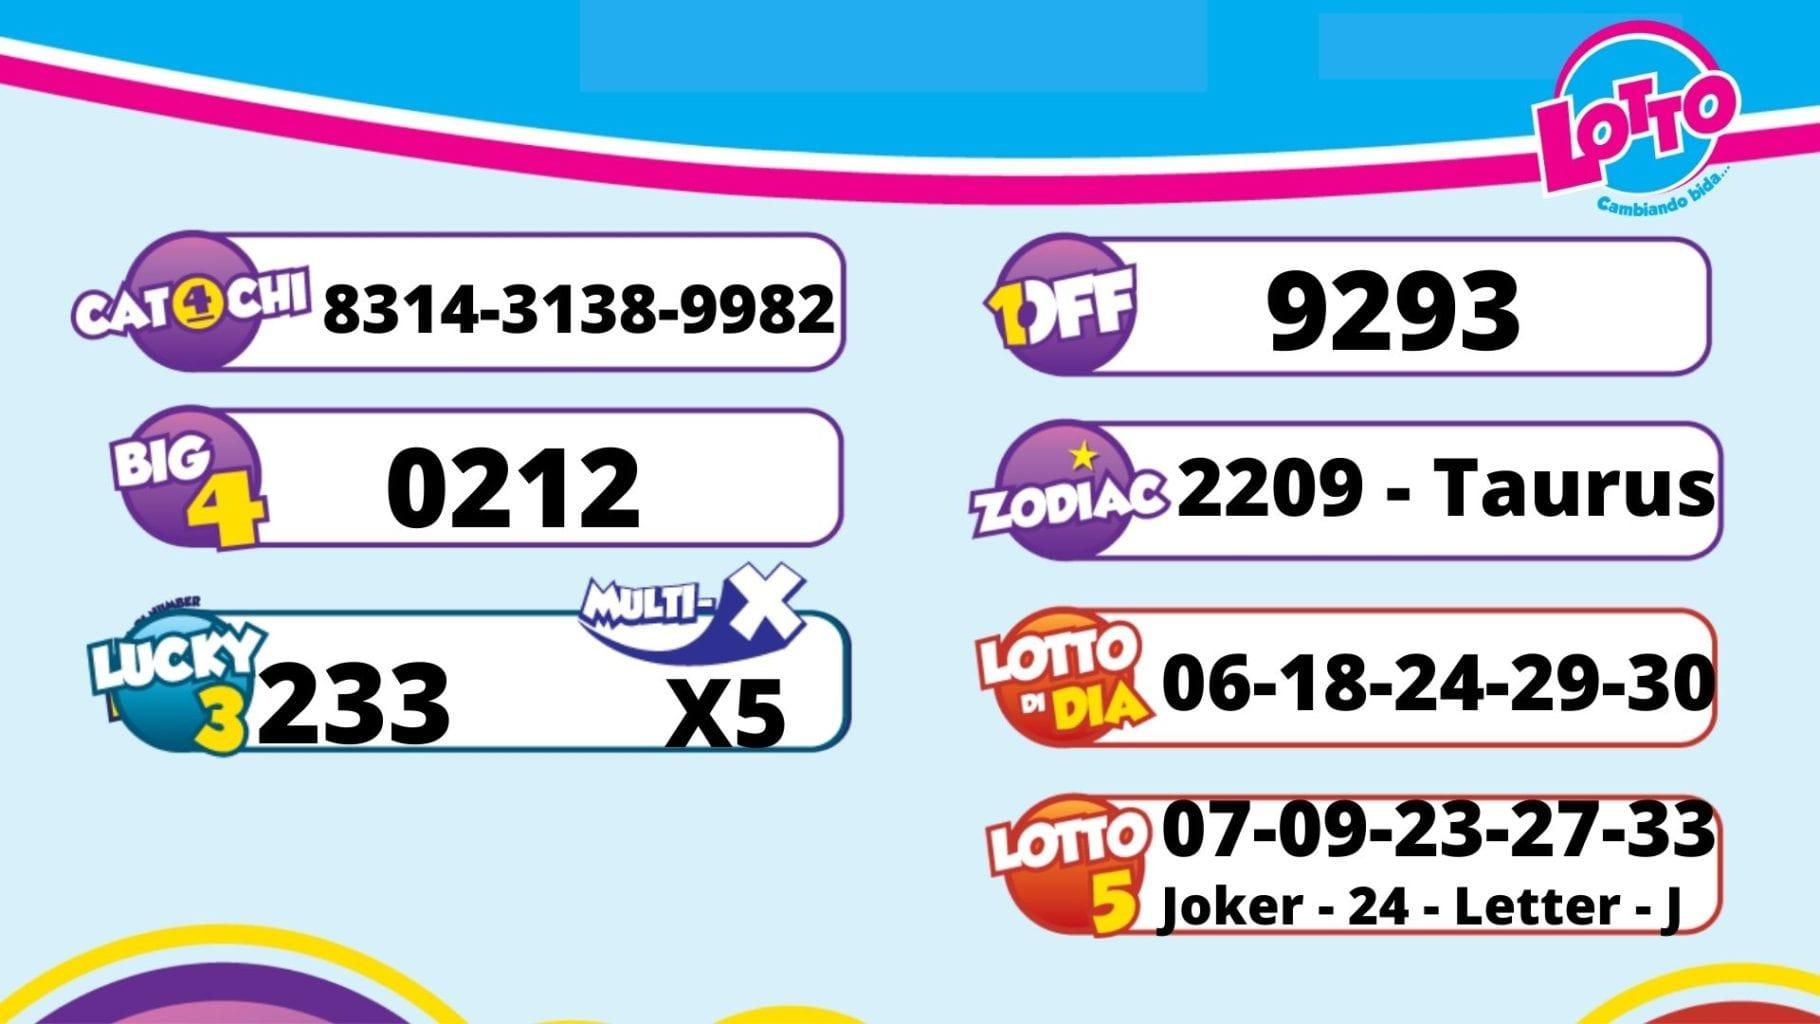 Resultado di sorteo pa 9 di juni 2021